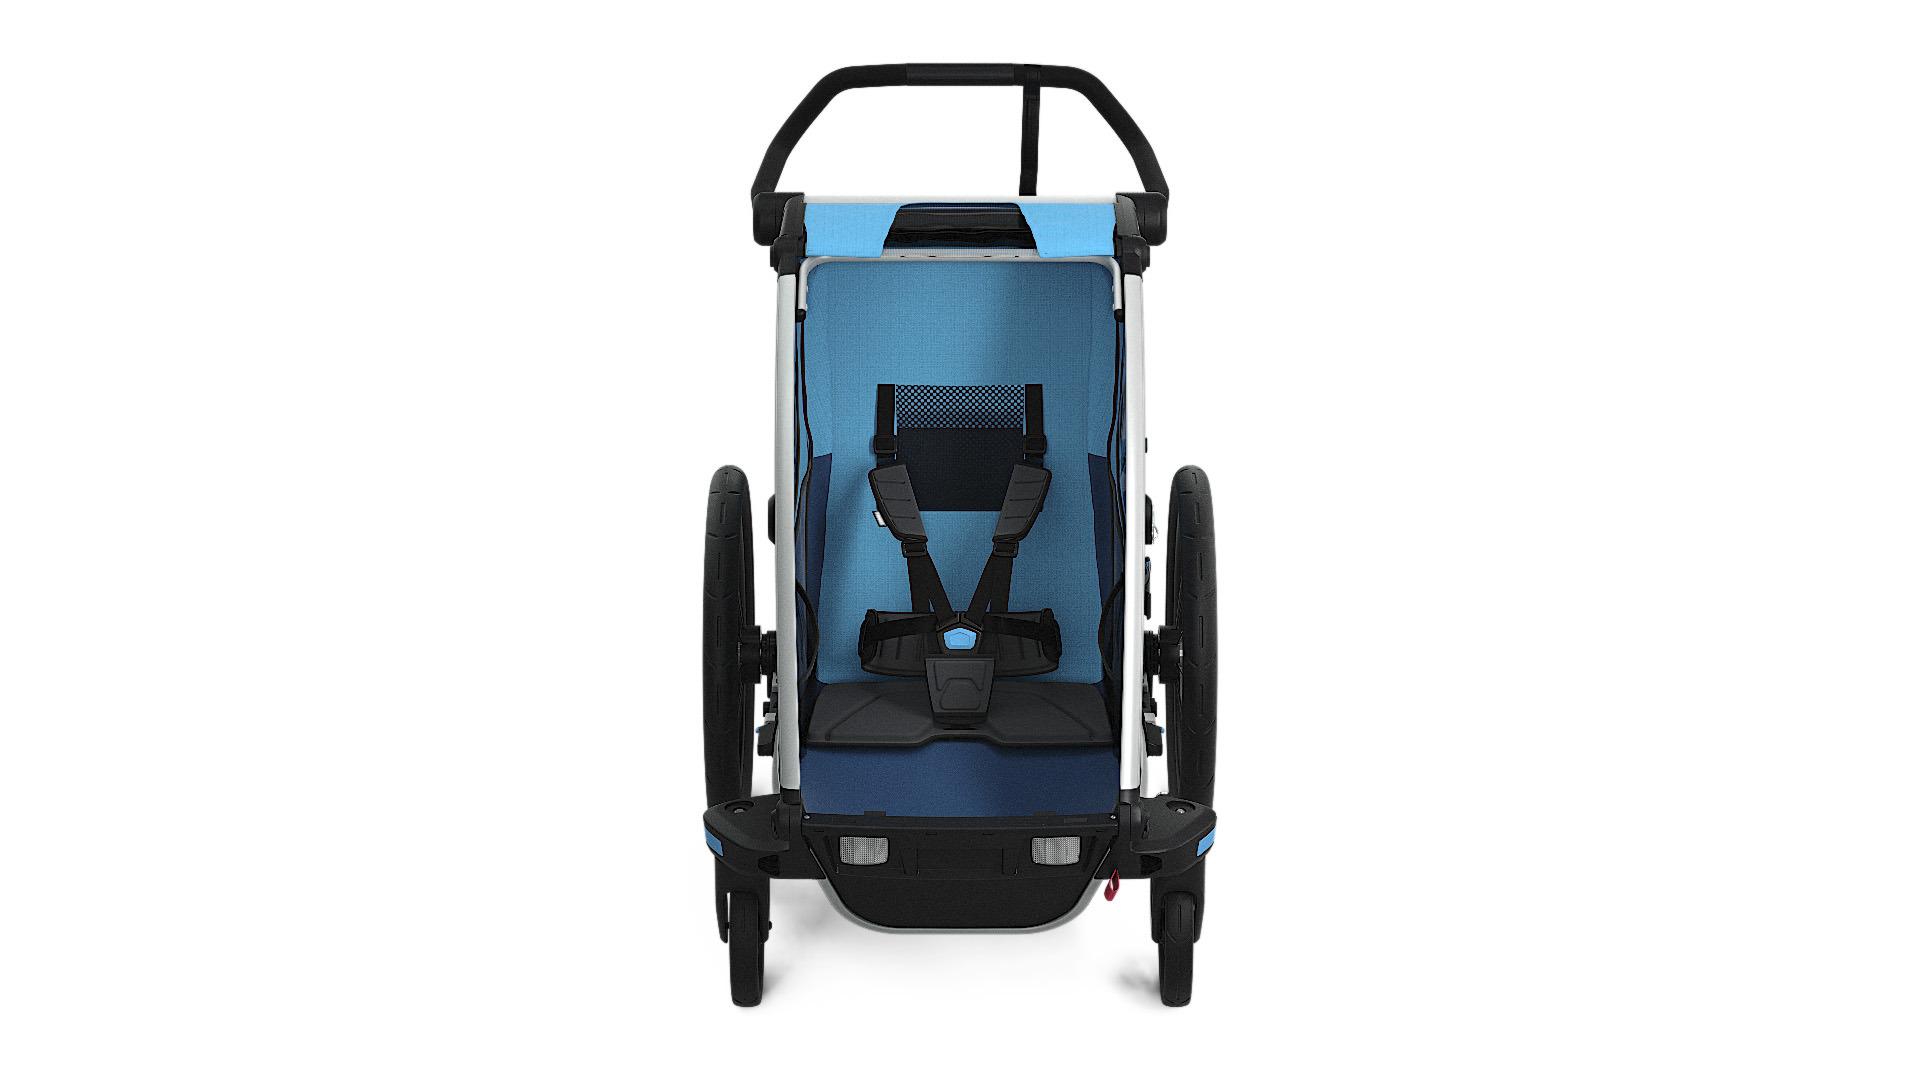 Wózek do biegania - THULE Chariot Cross 1 - niebieski/granatowy